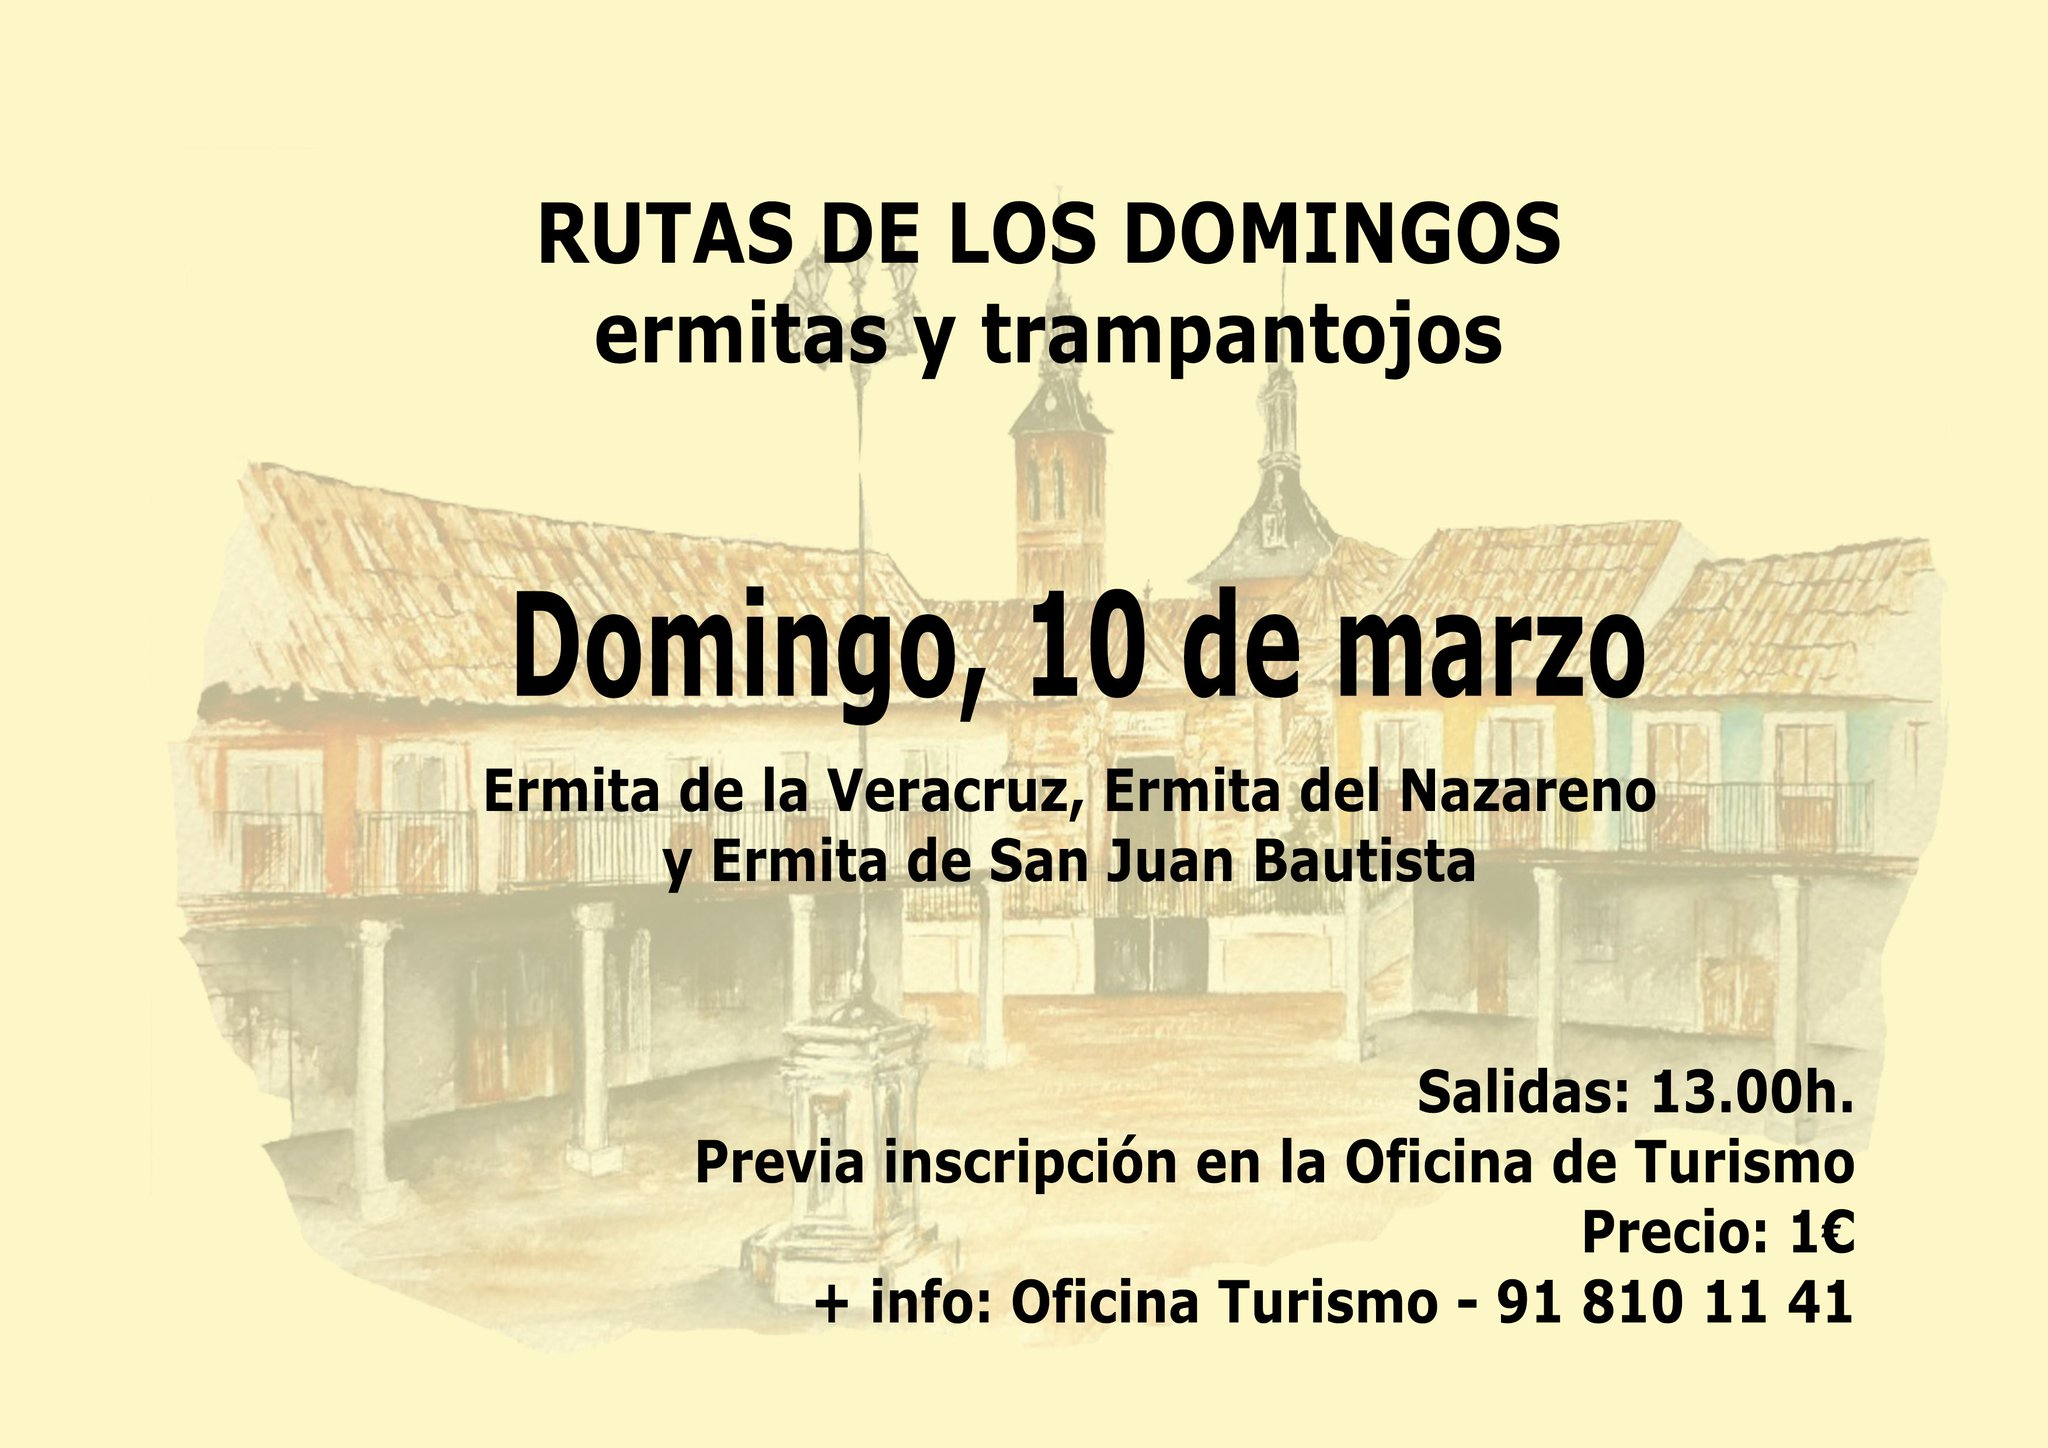 Si quieres realizar una visita guiada por las ermitas  de la Veracruz, el Nazareno y San Juan Bautista, puedes hacerlo este domingo. Inscripciones, 1€, en la Oficina de Turismo. https://t.co/ZfEKImrqtD